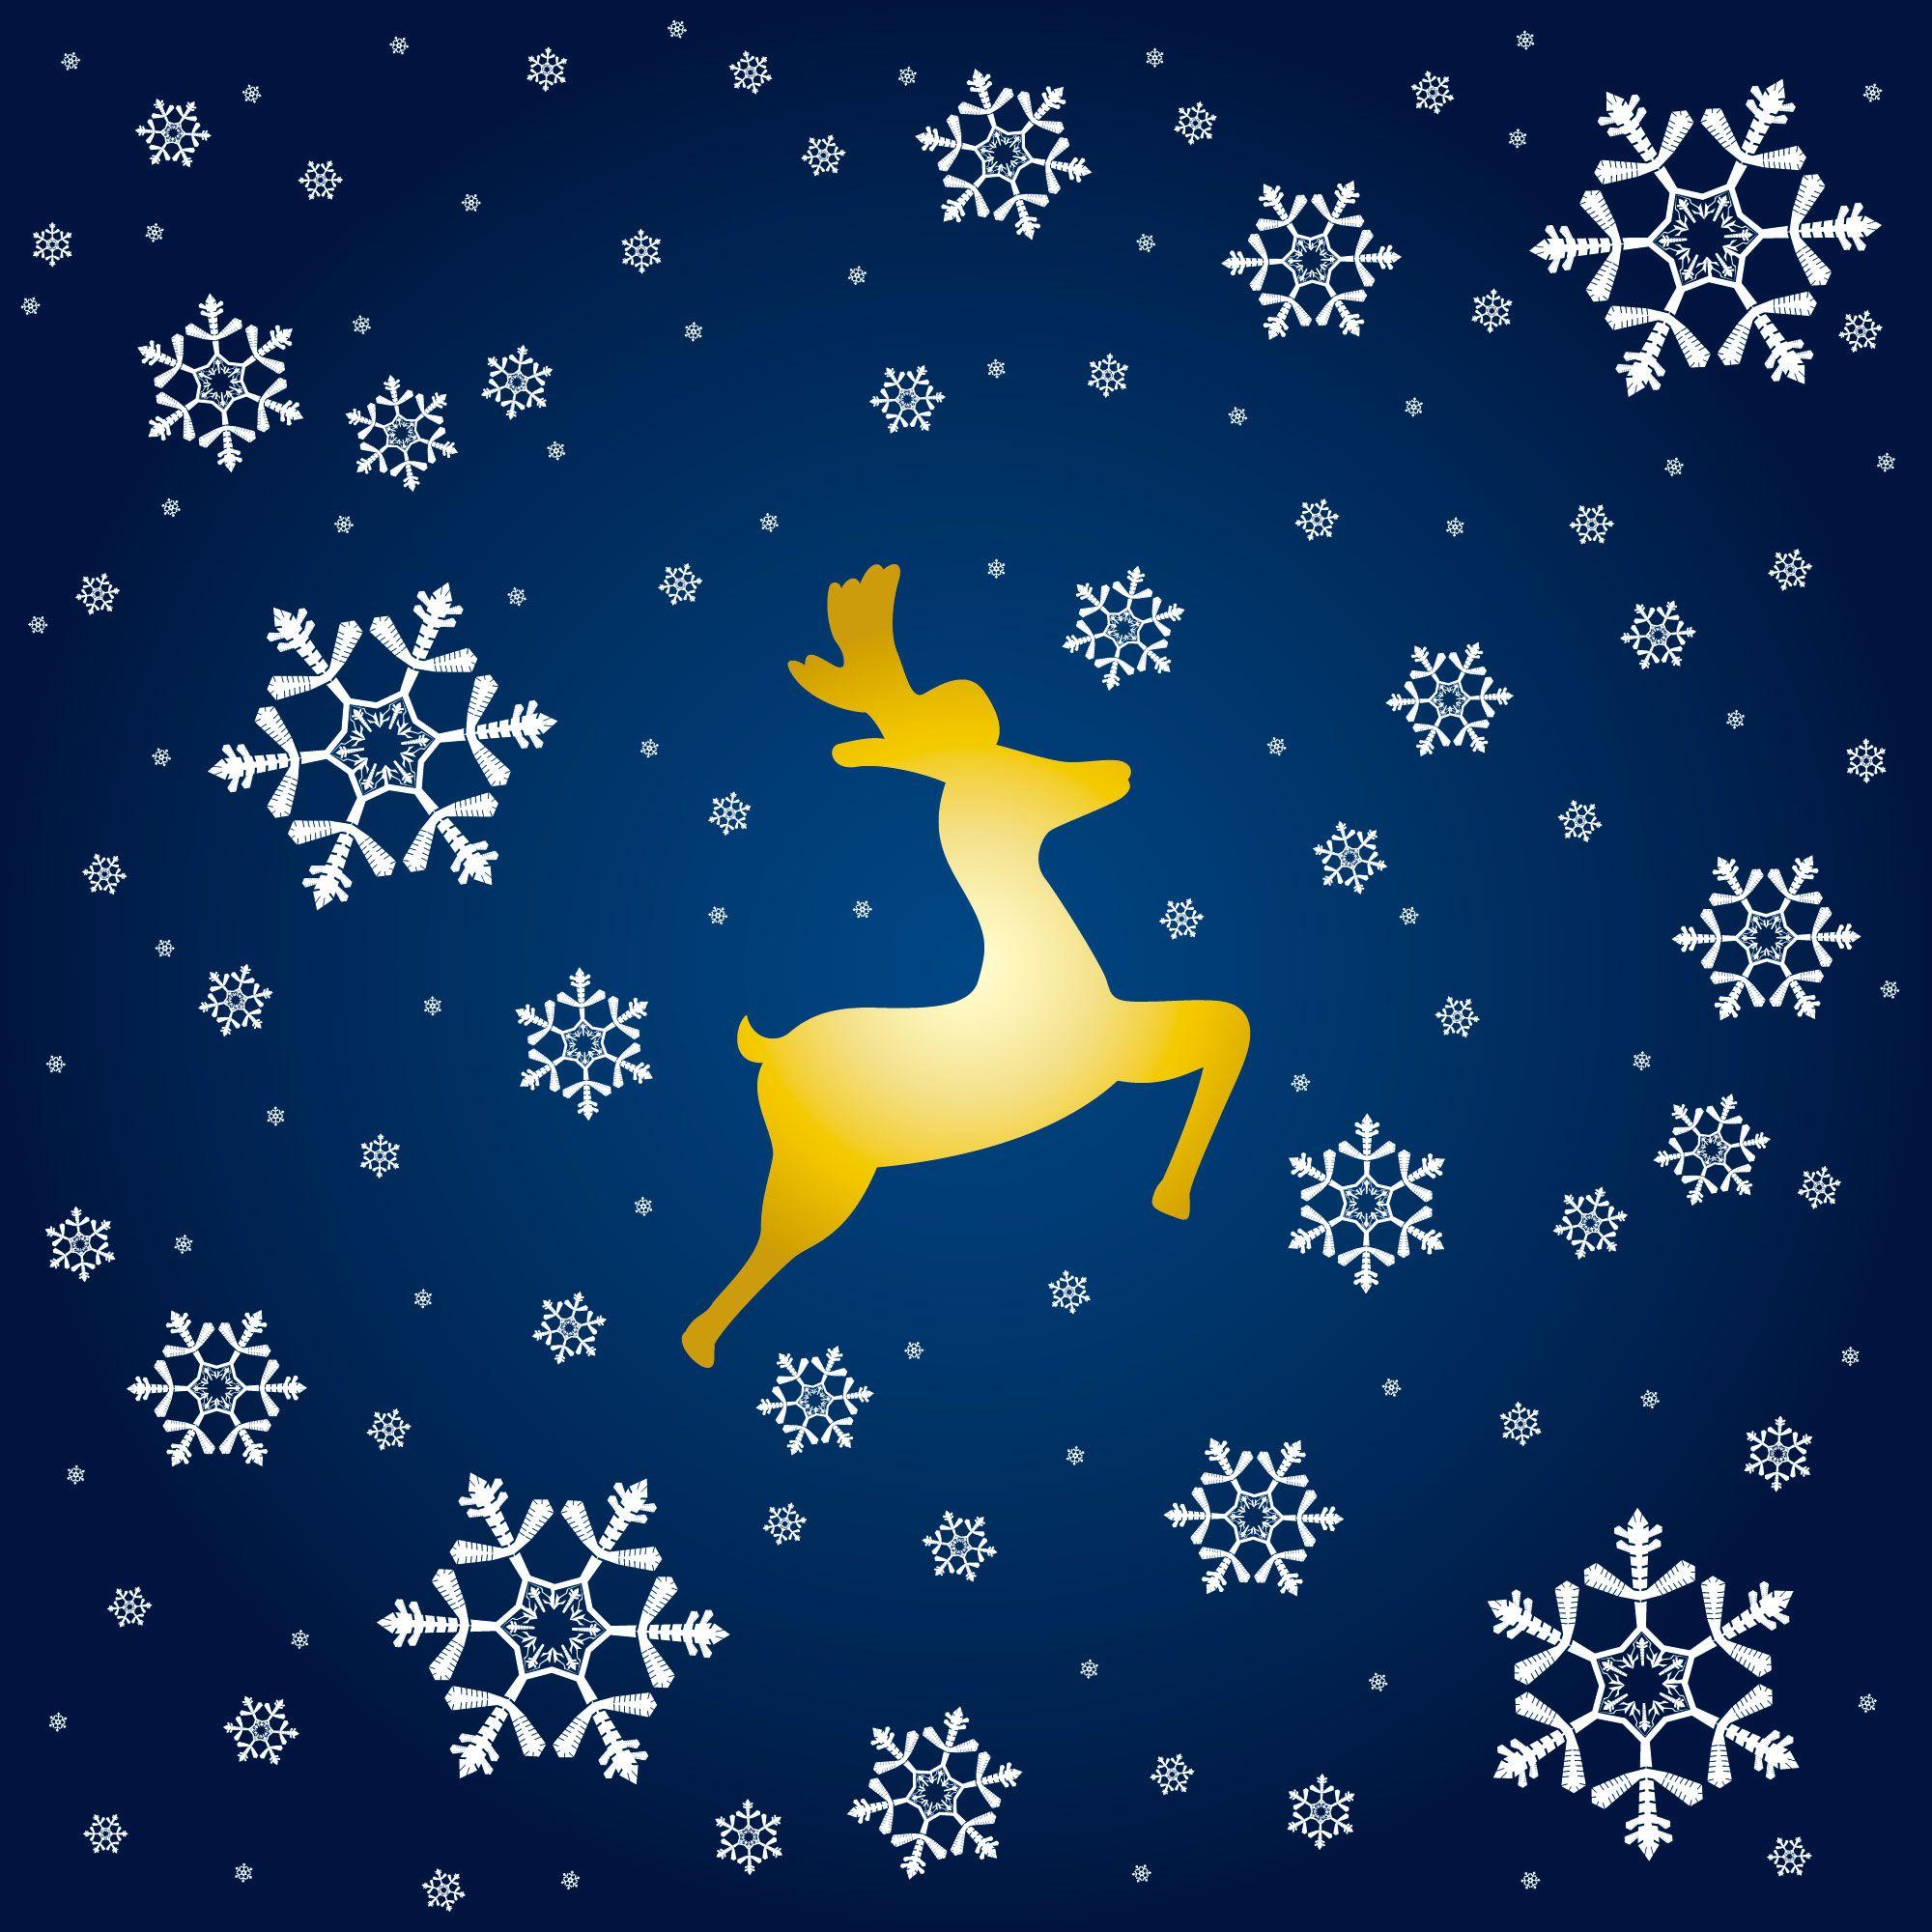 画像サンプル 壁紙雪とトナカイ クリスマス イラスト Christmas